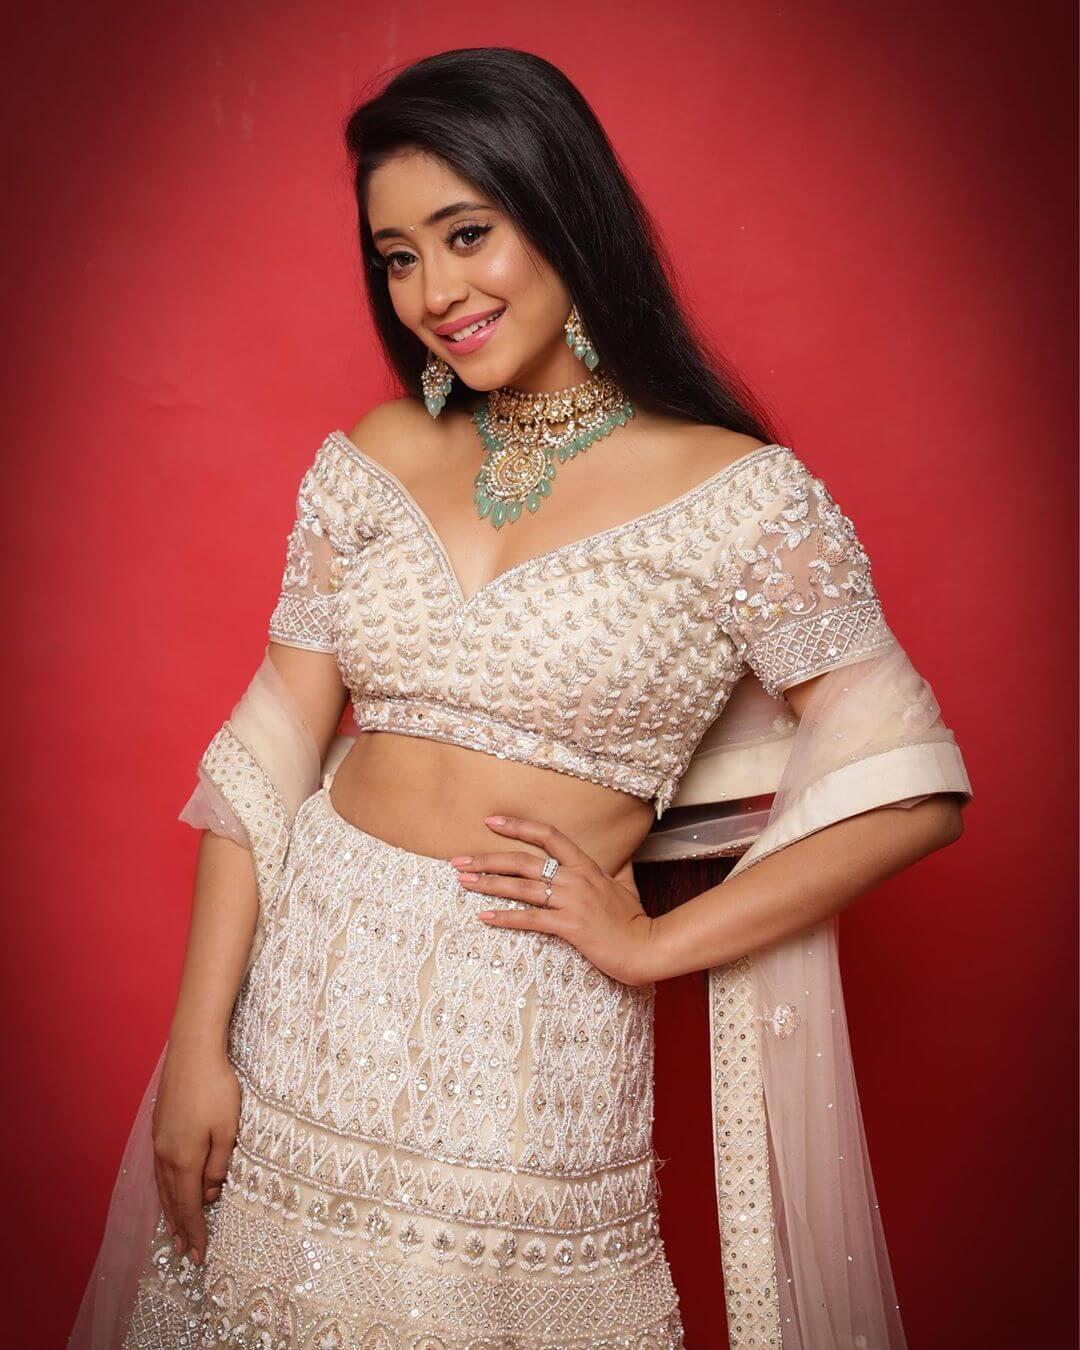 Shivangi Joshi education